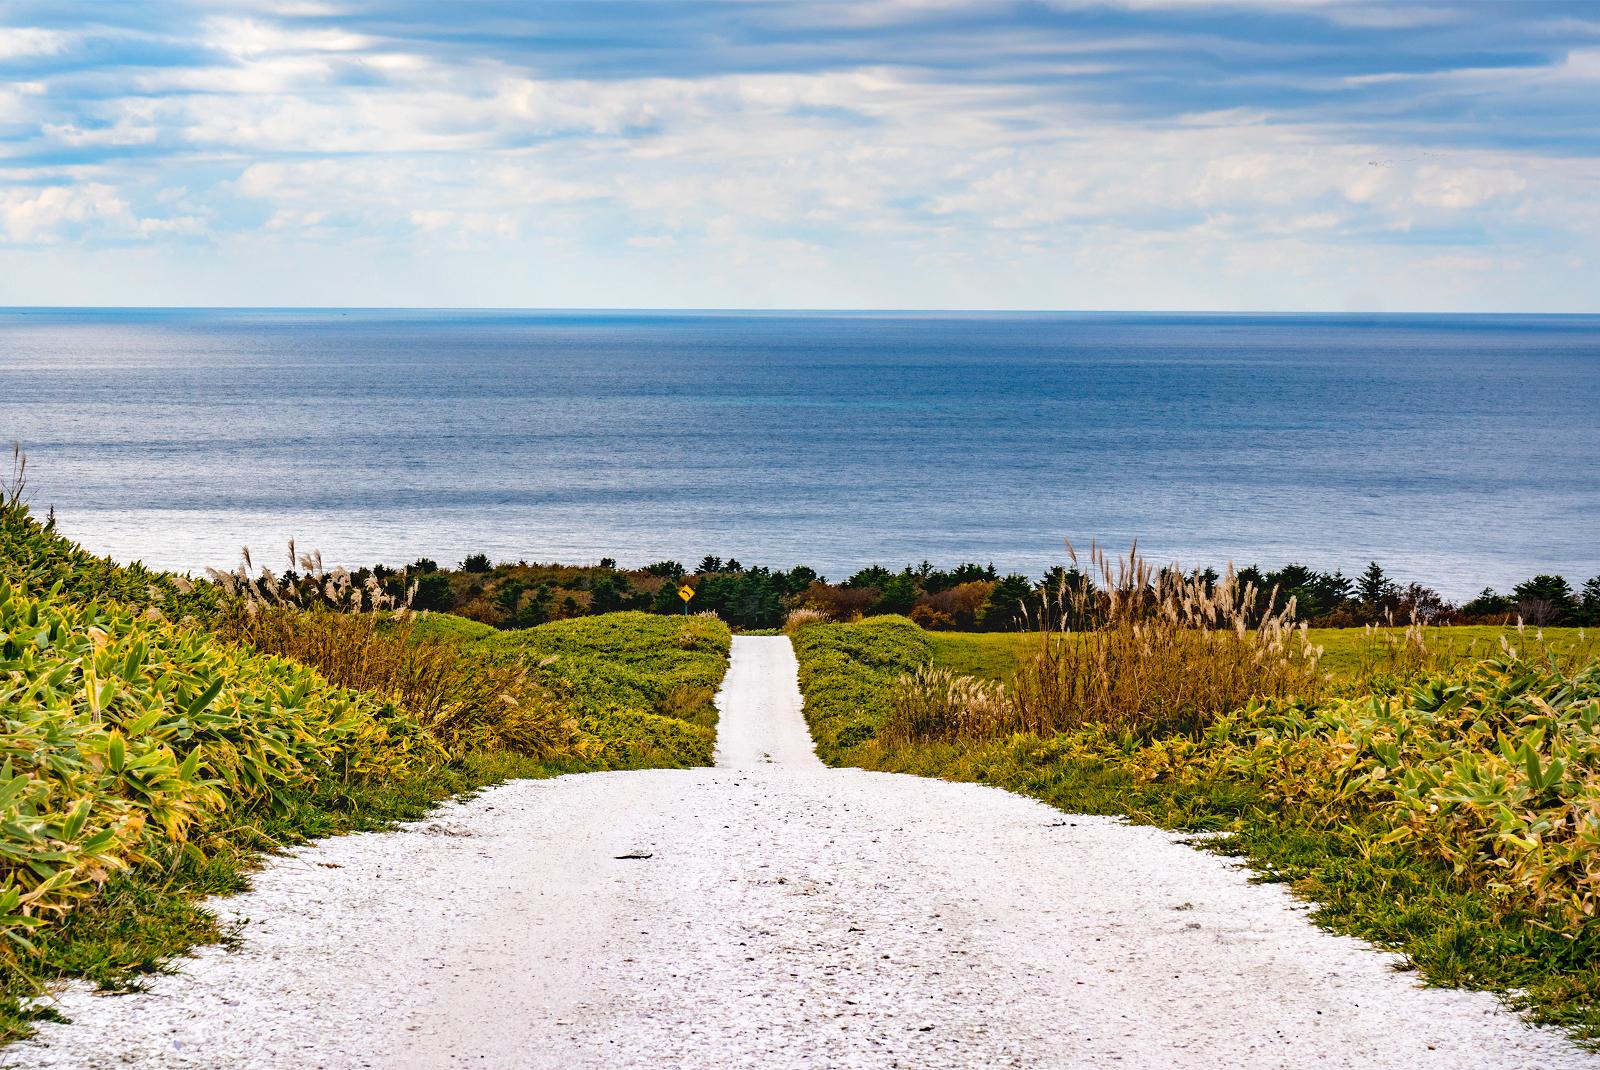 サハリンも望む3㎞の絶景ルート!稚内宗谷丘陵「白い道」の正体とは?